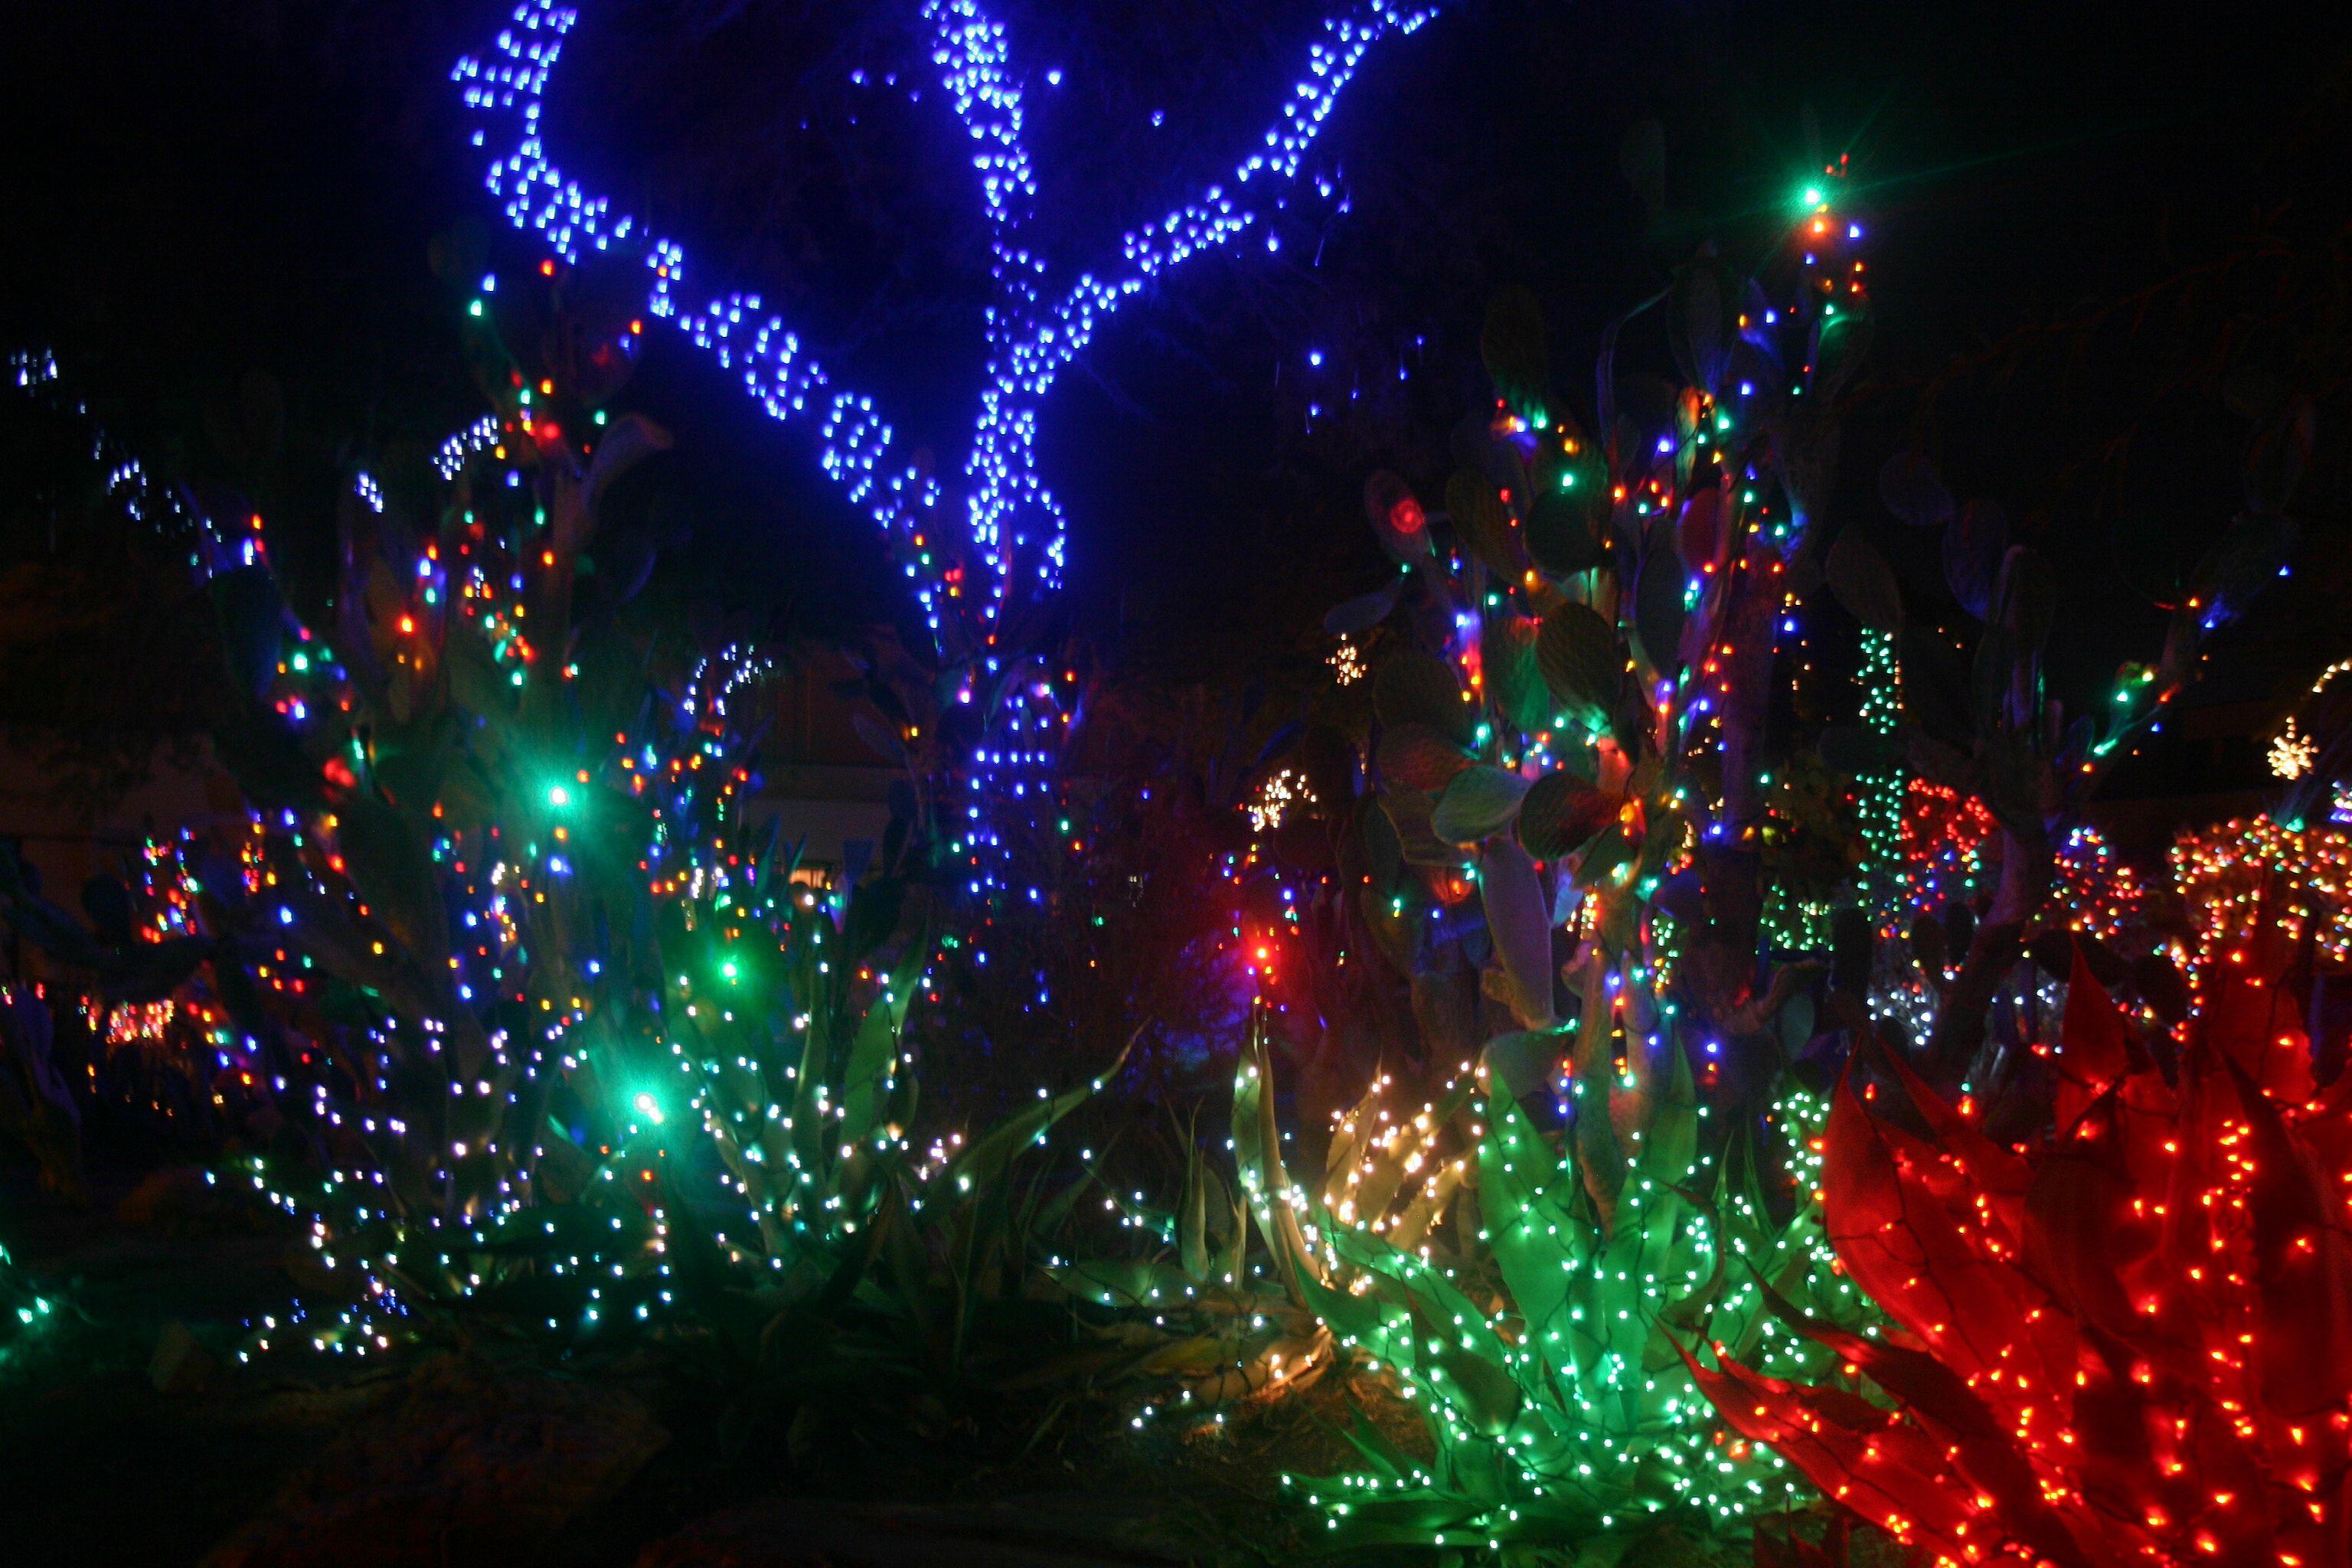 Christmas Lights Bushes